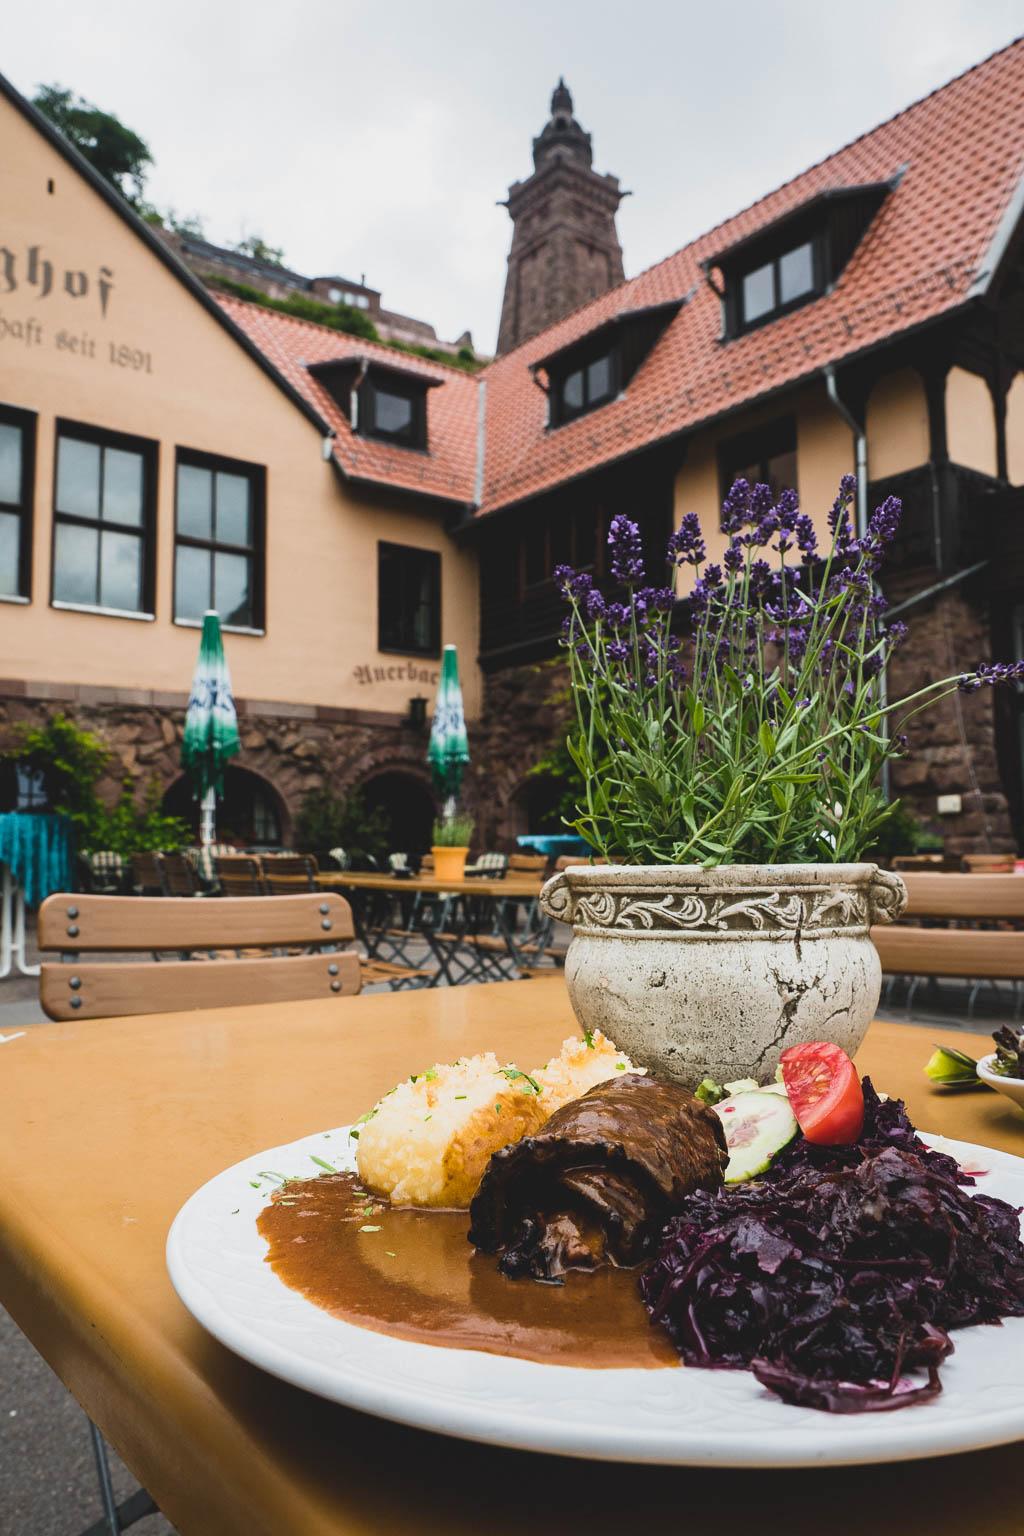 Burghof Restaurant Süd-Harz Kyffhäuser